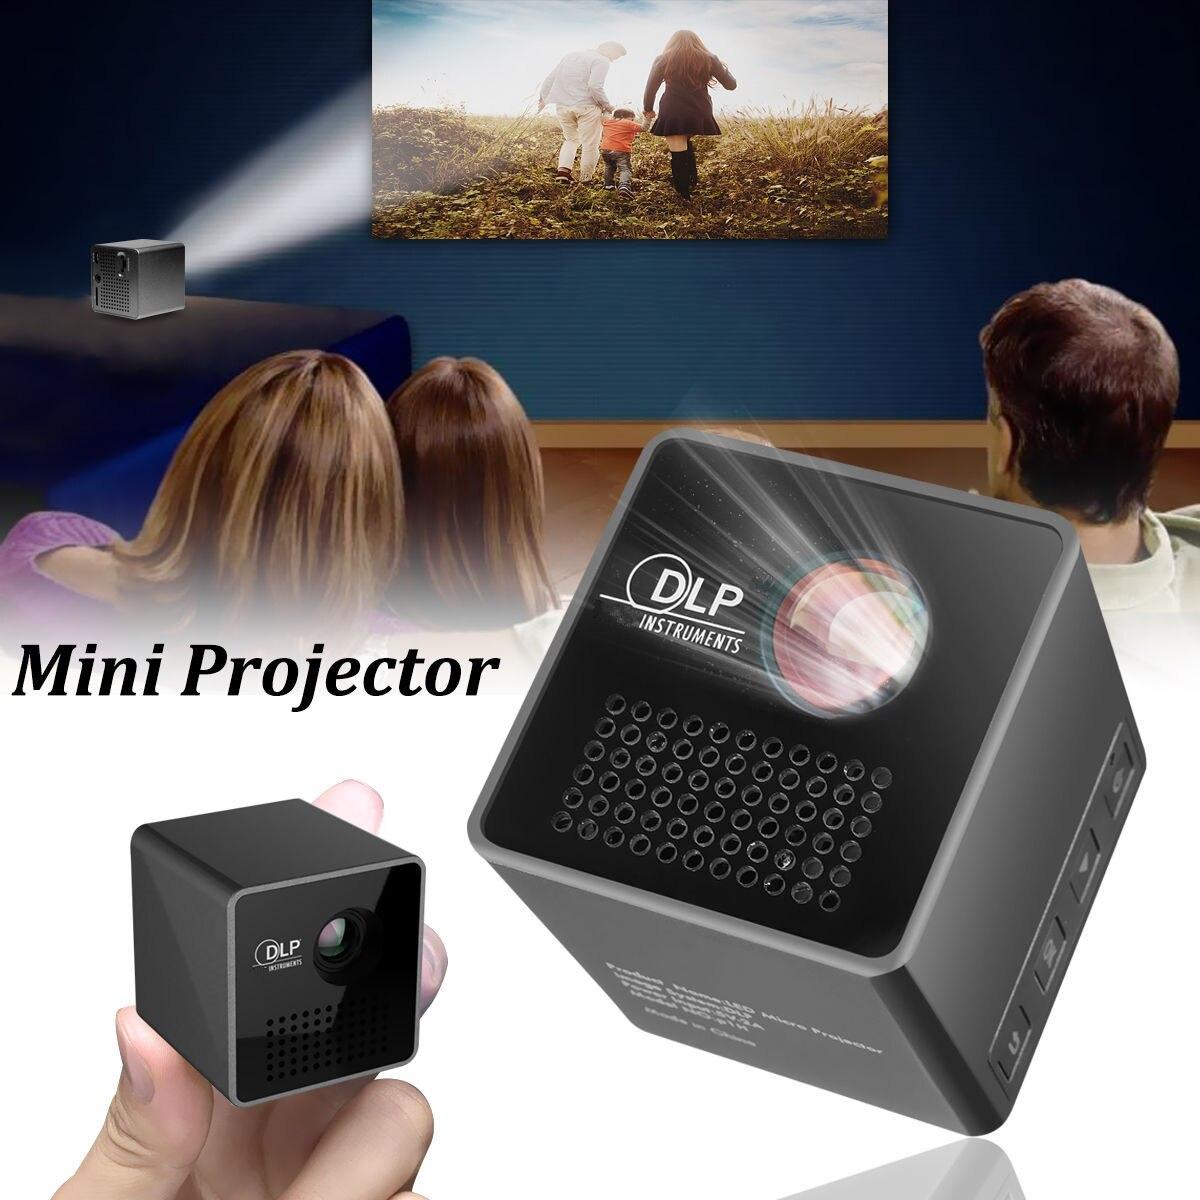 Mini projecteur P1 30 Lumens pour Micro projecteur intelligent de poche compatible projecteur de réunion USB TF